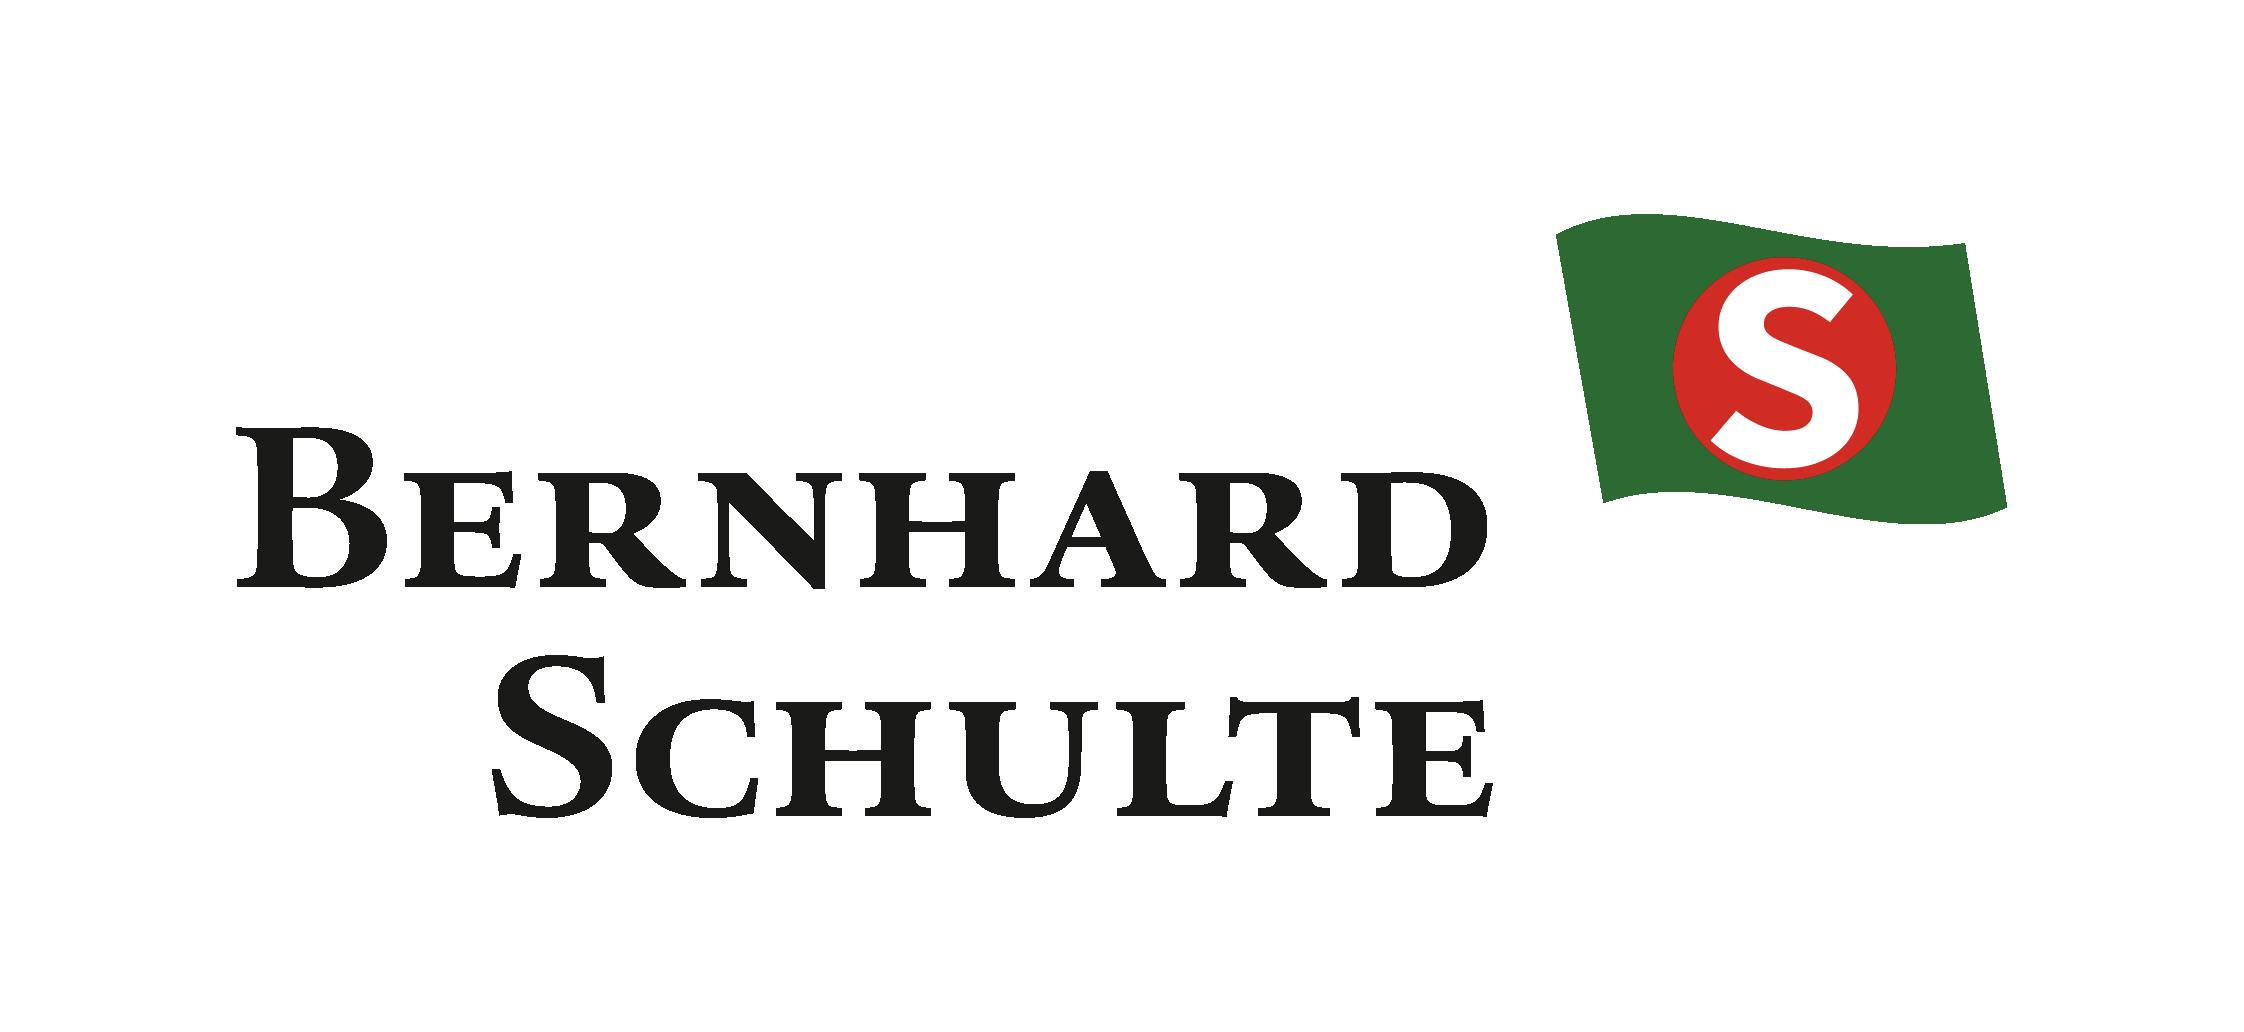 Bernhard Schulte logo